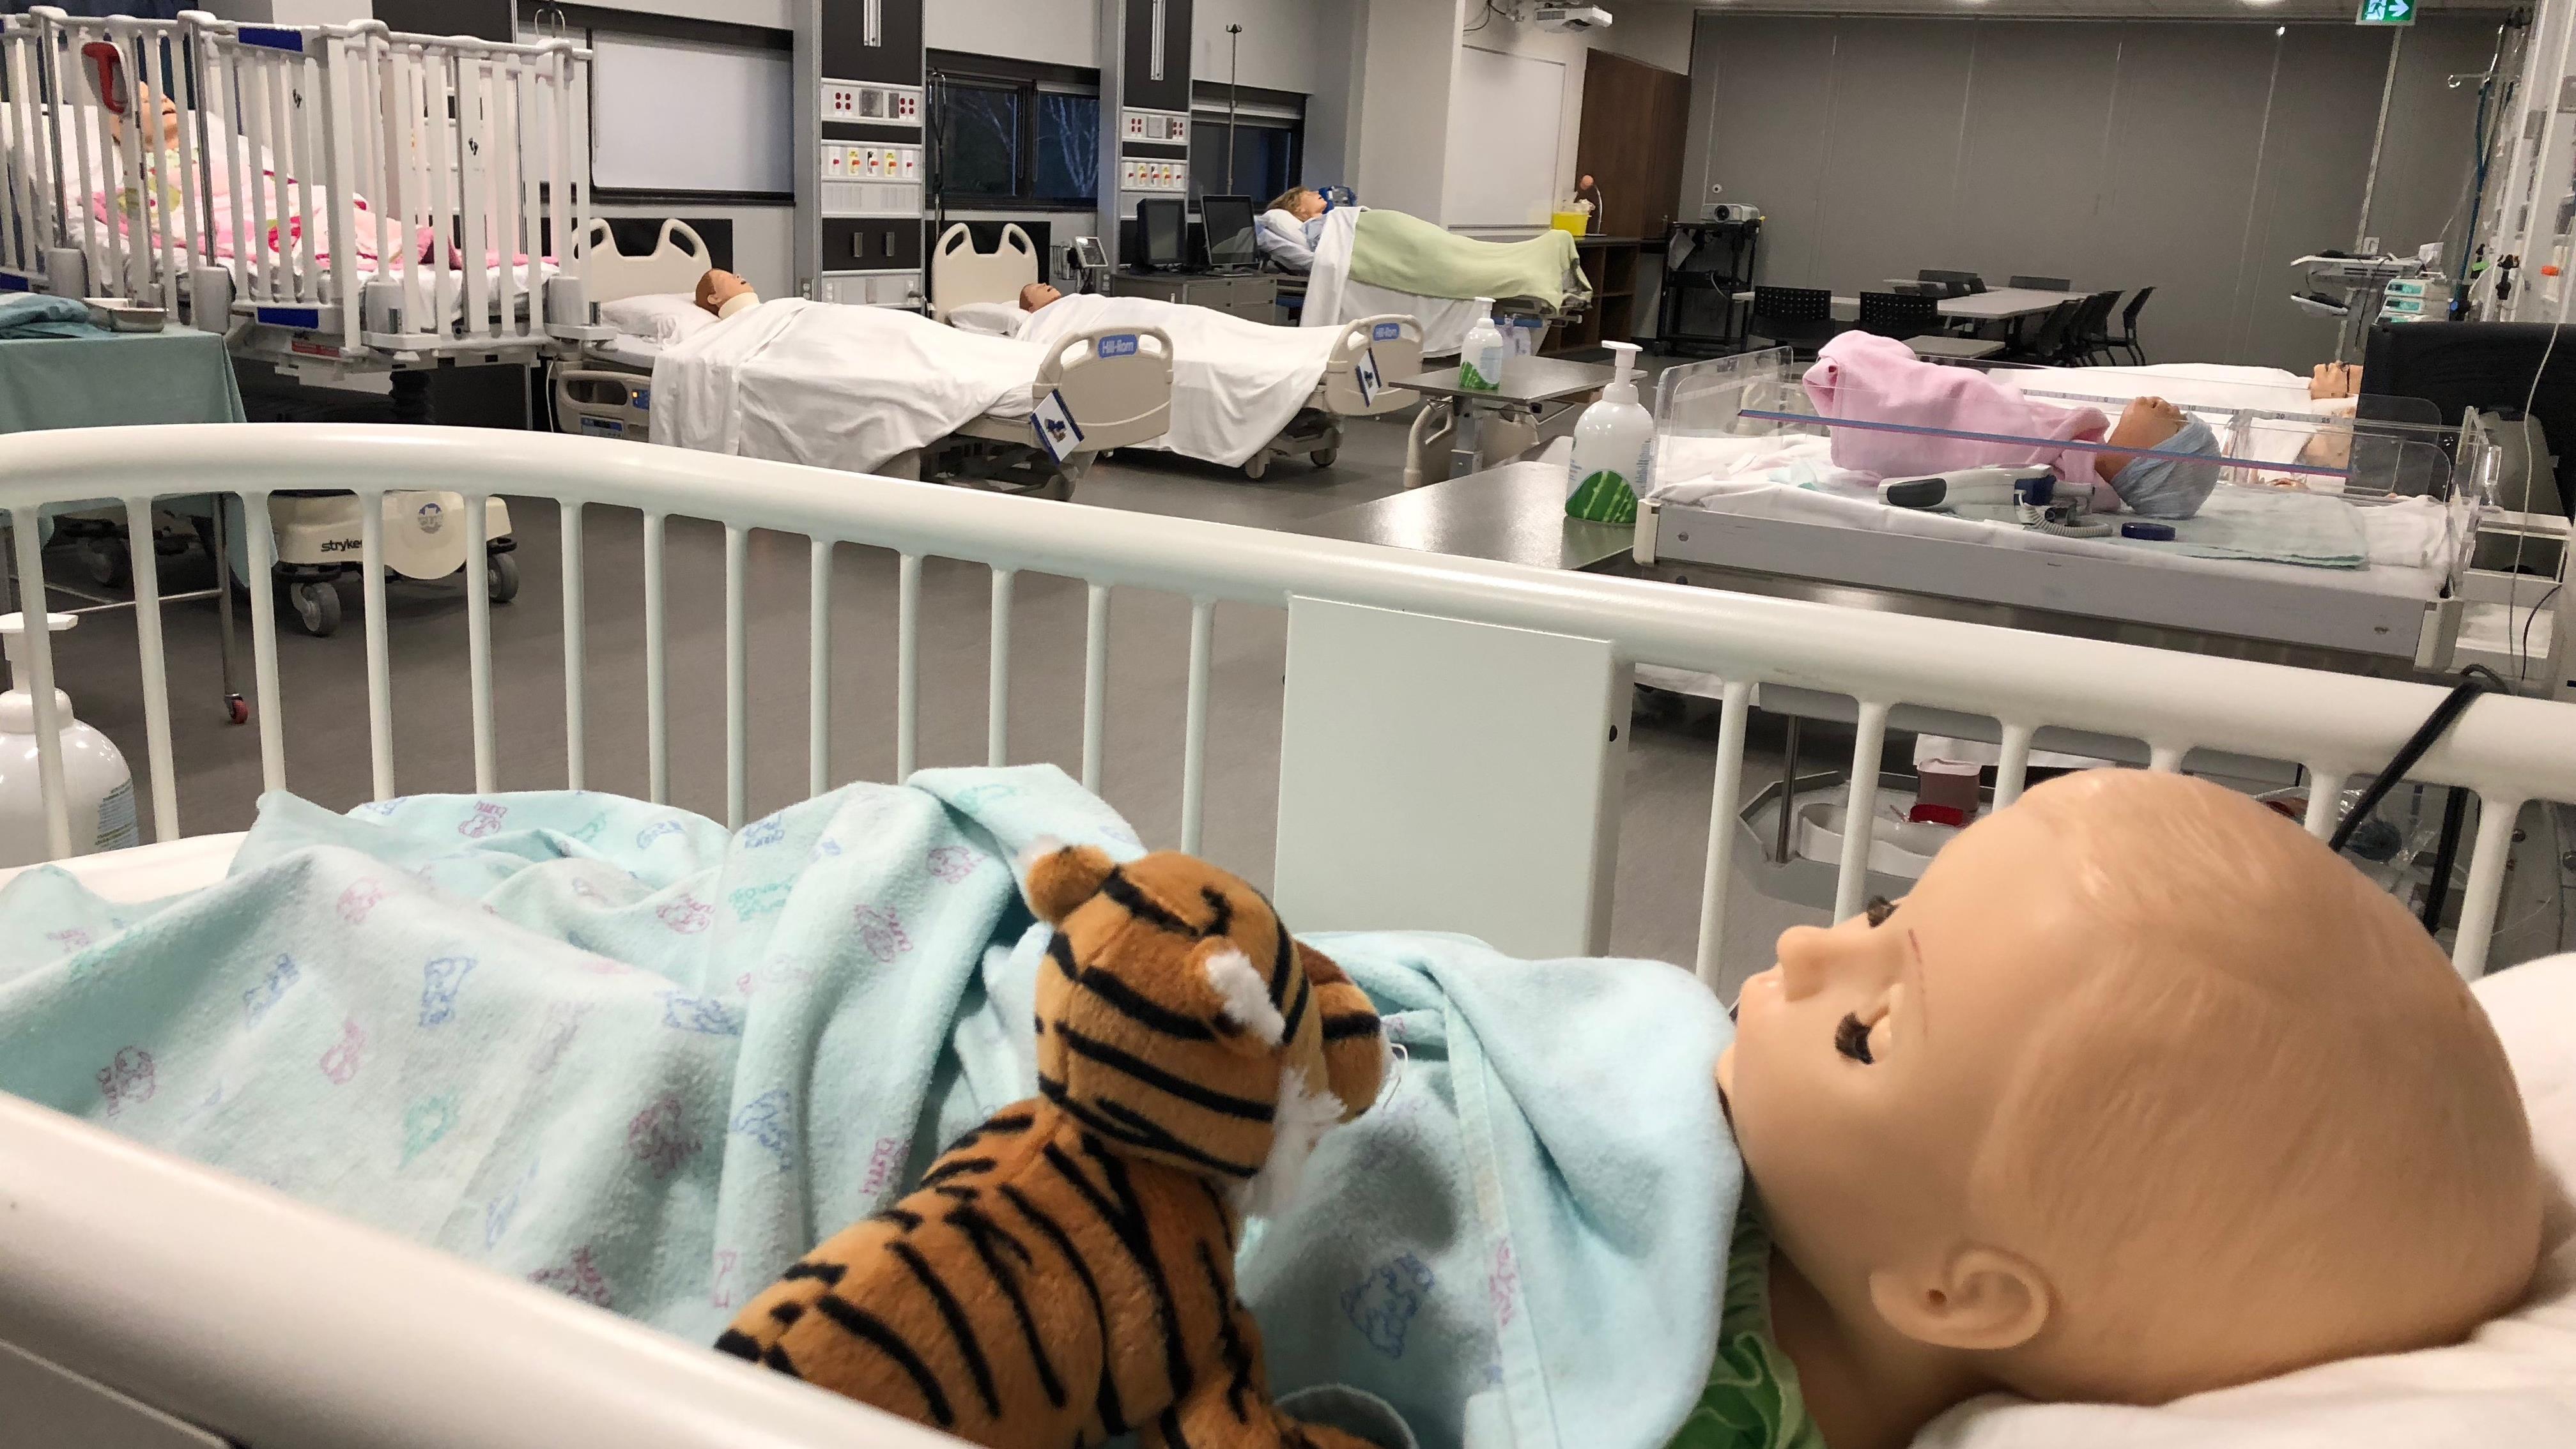 Des mannequins d'enfants sont couchés dans des lits d'hôpital dans une salle de classe.